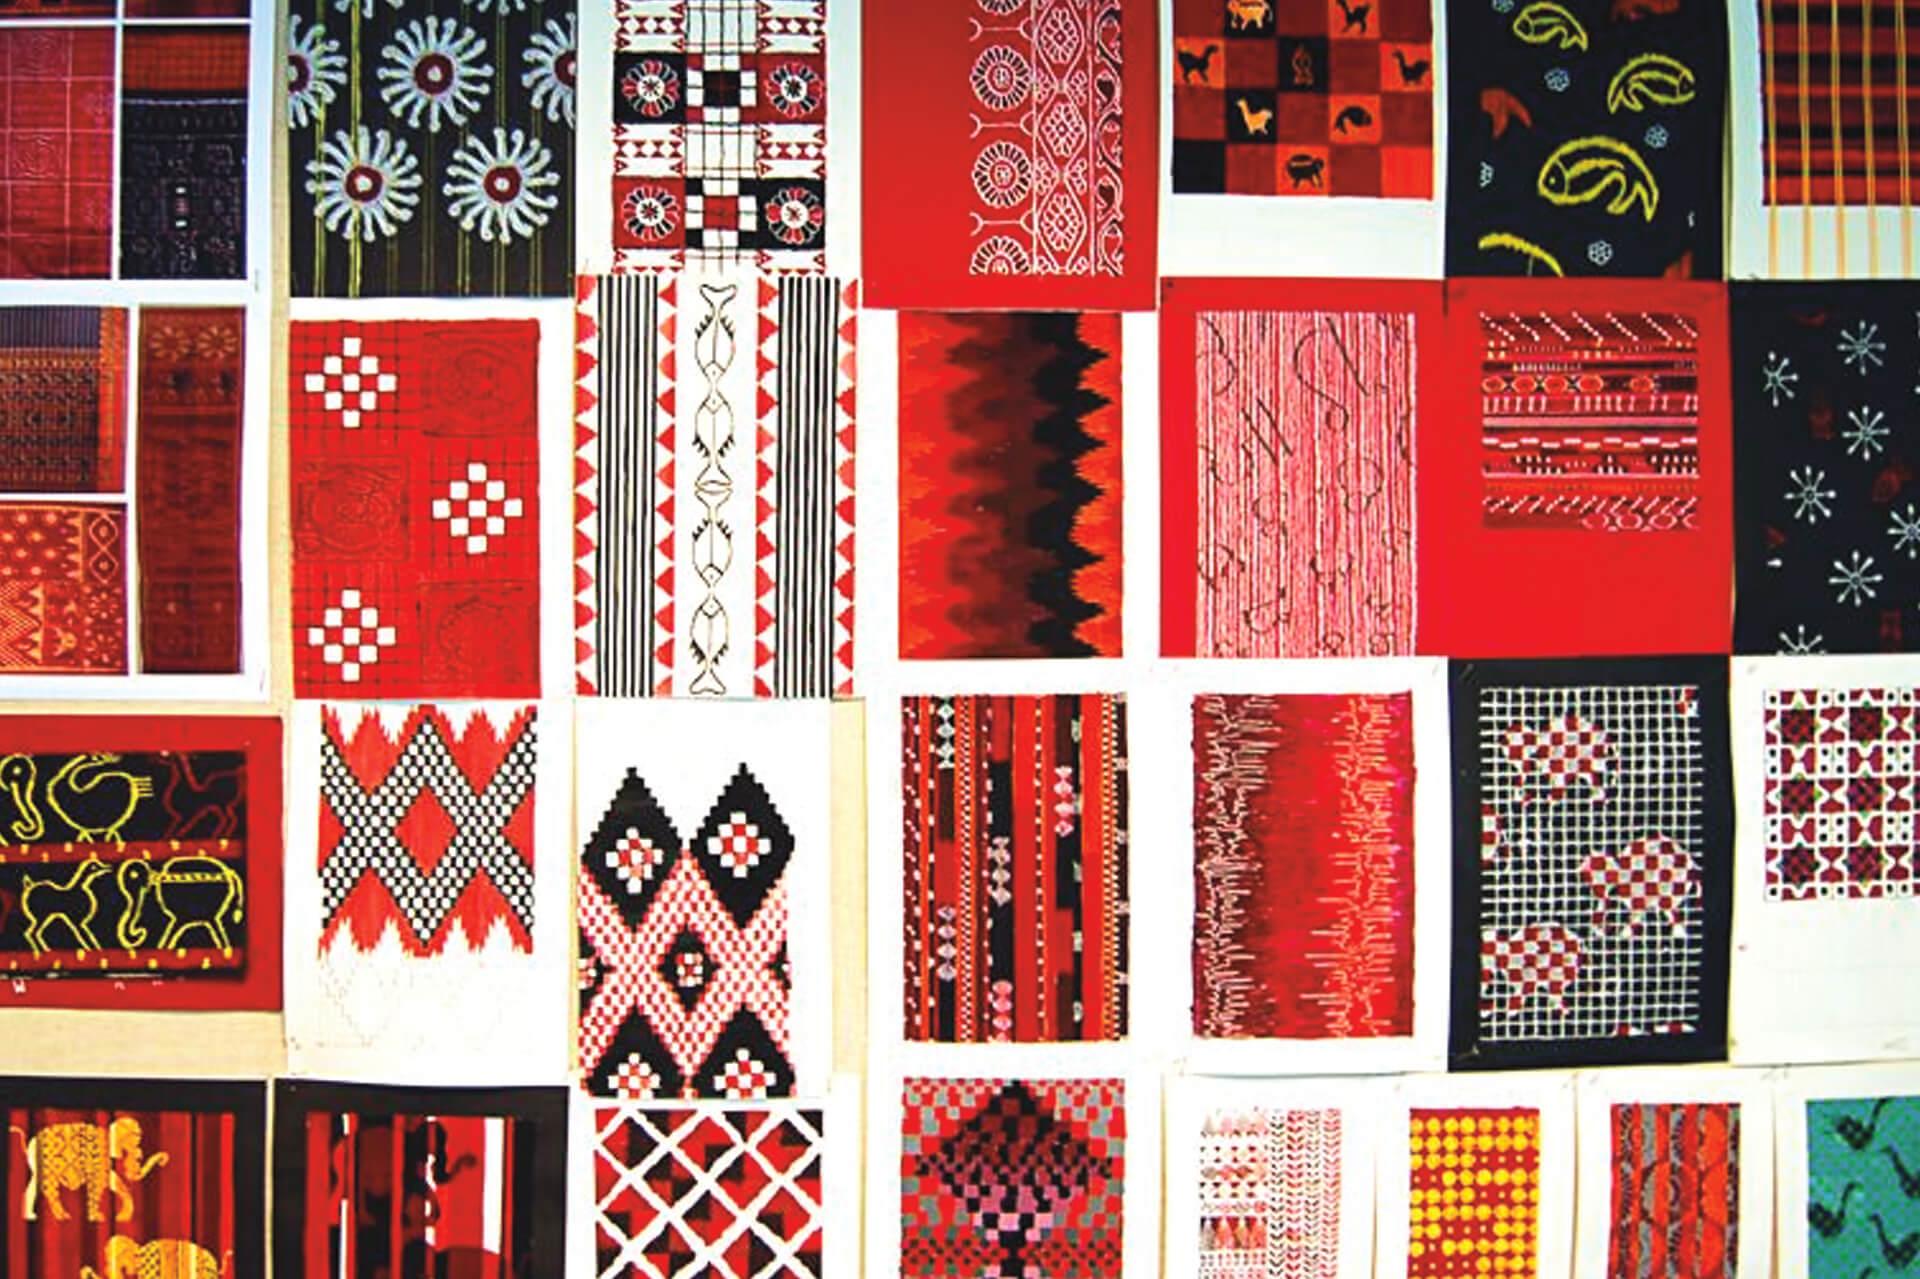 Textile Design Work Portfolio